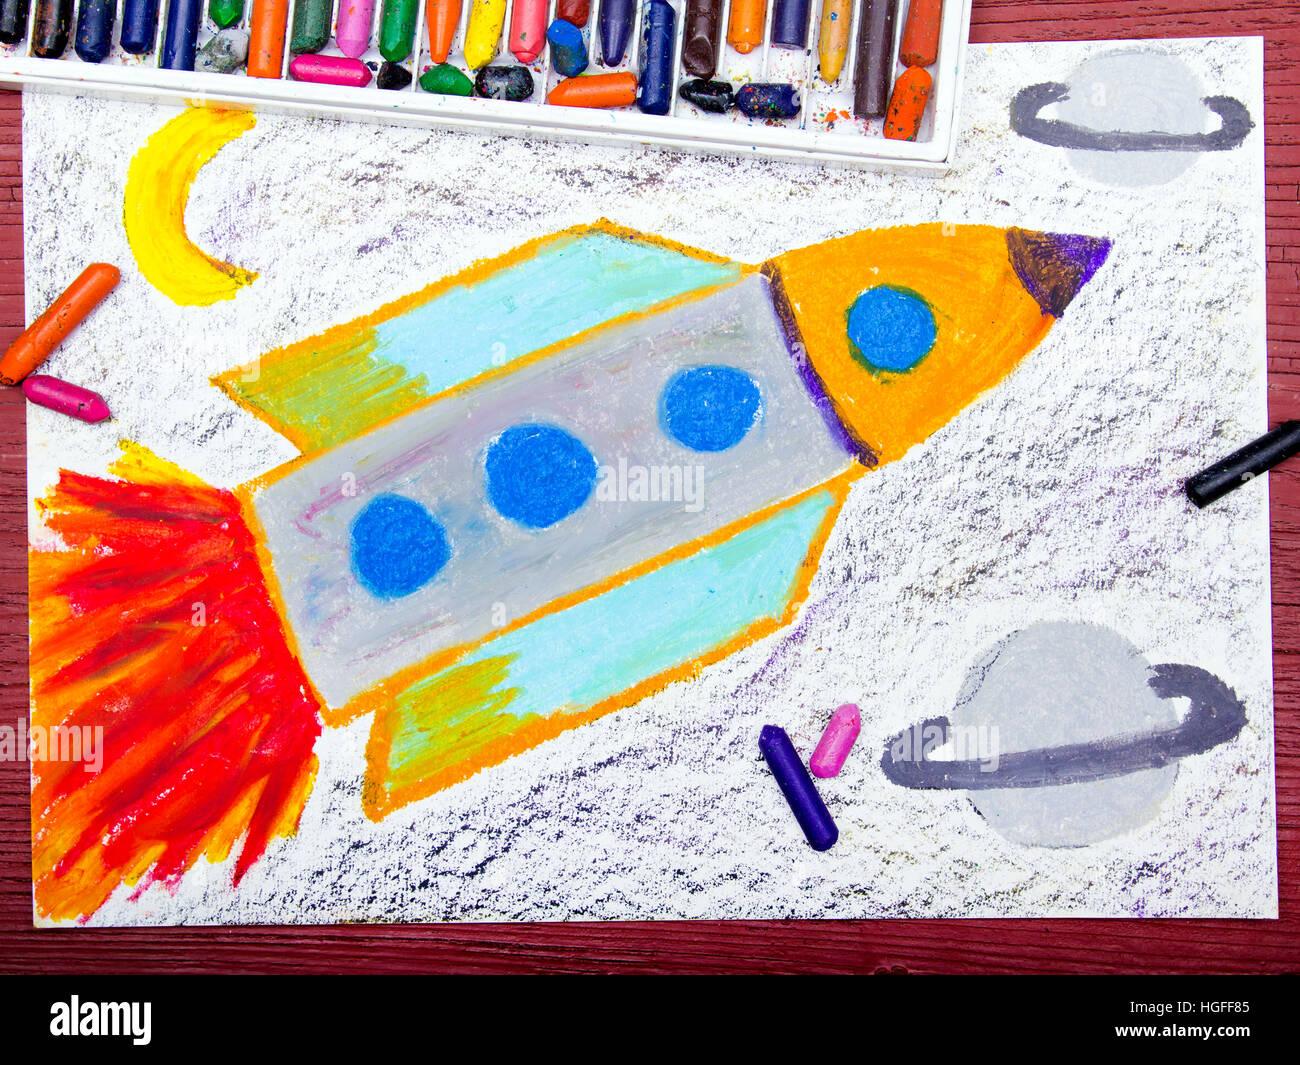 Dessin color fus e spatiale dans le cosmos banque d - Dessin colore ...